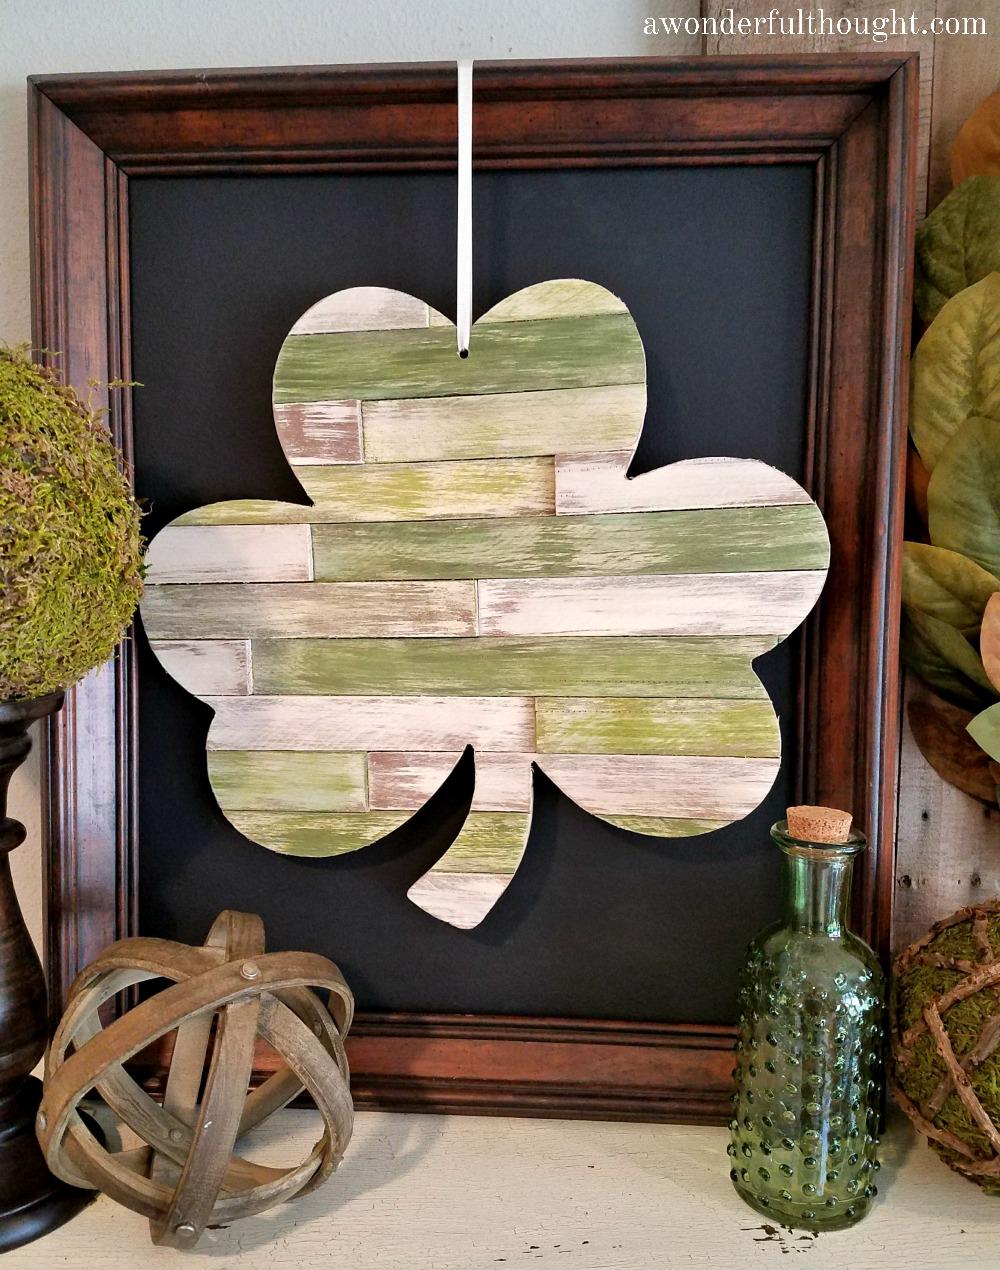 DIY Wood Shim Shamrock | awonderfulthought.com